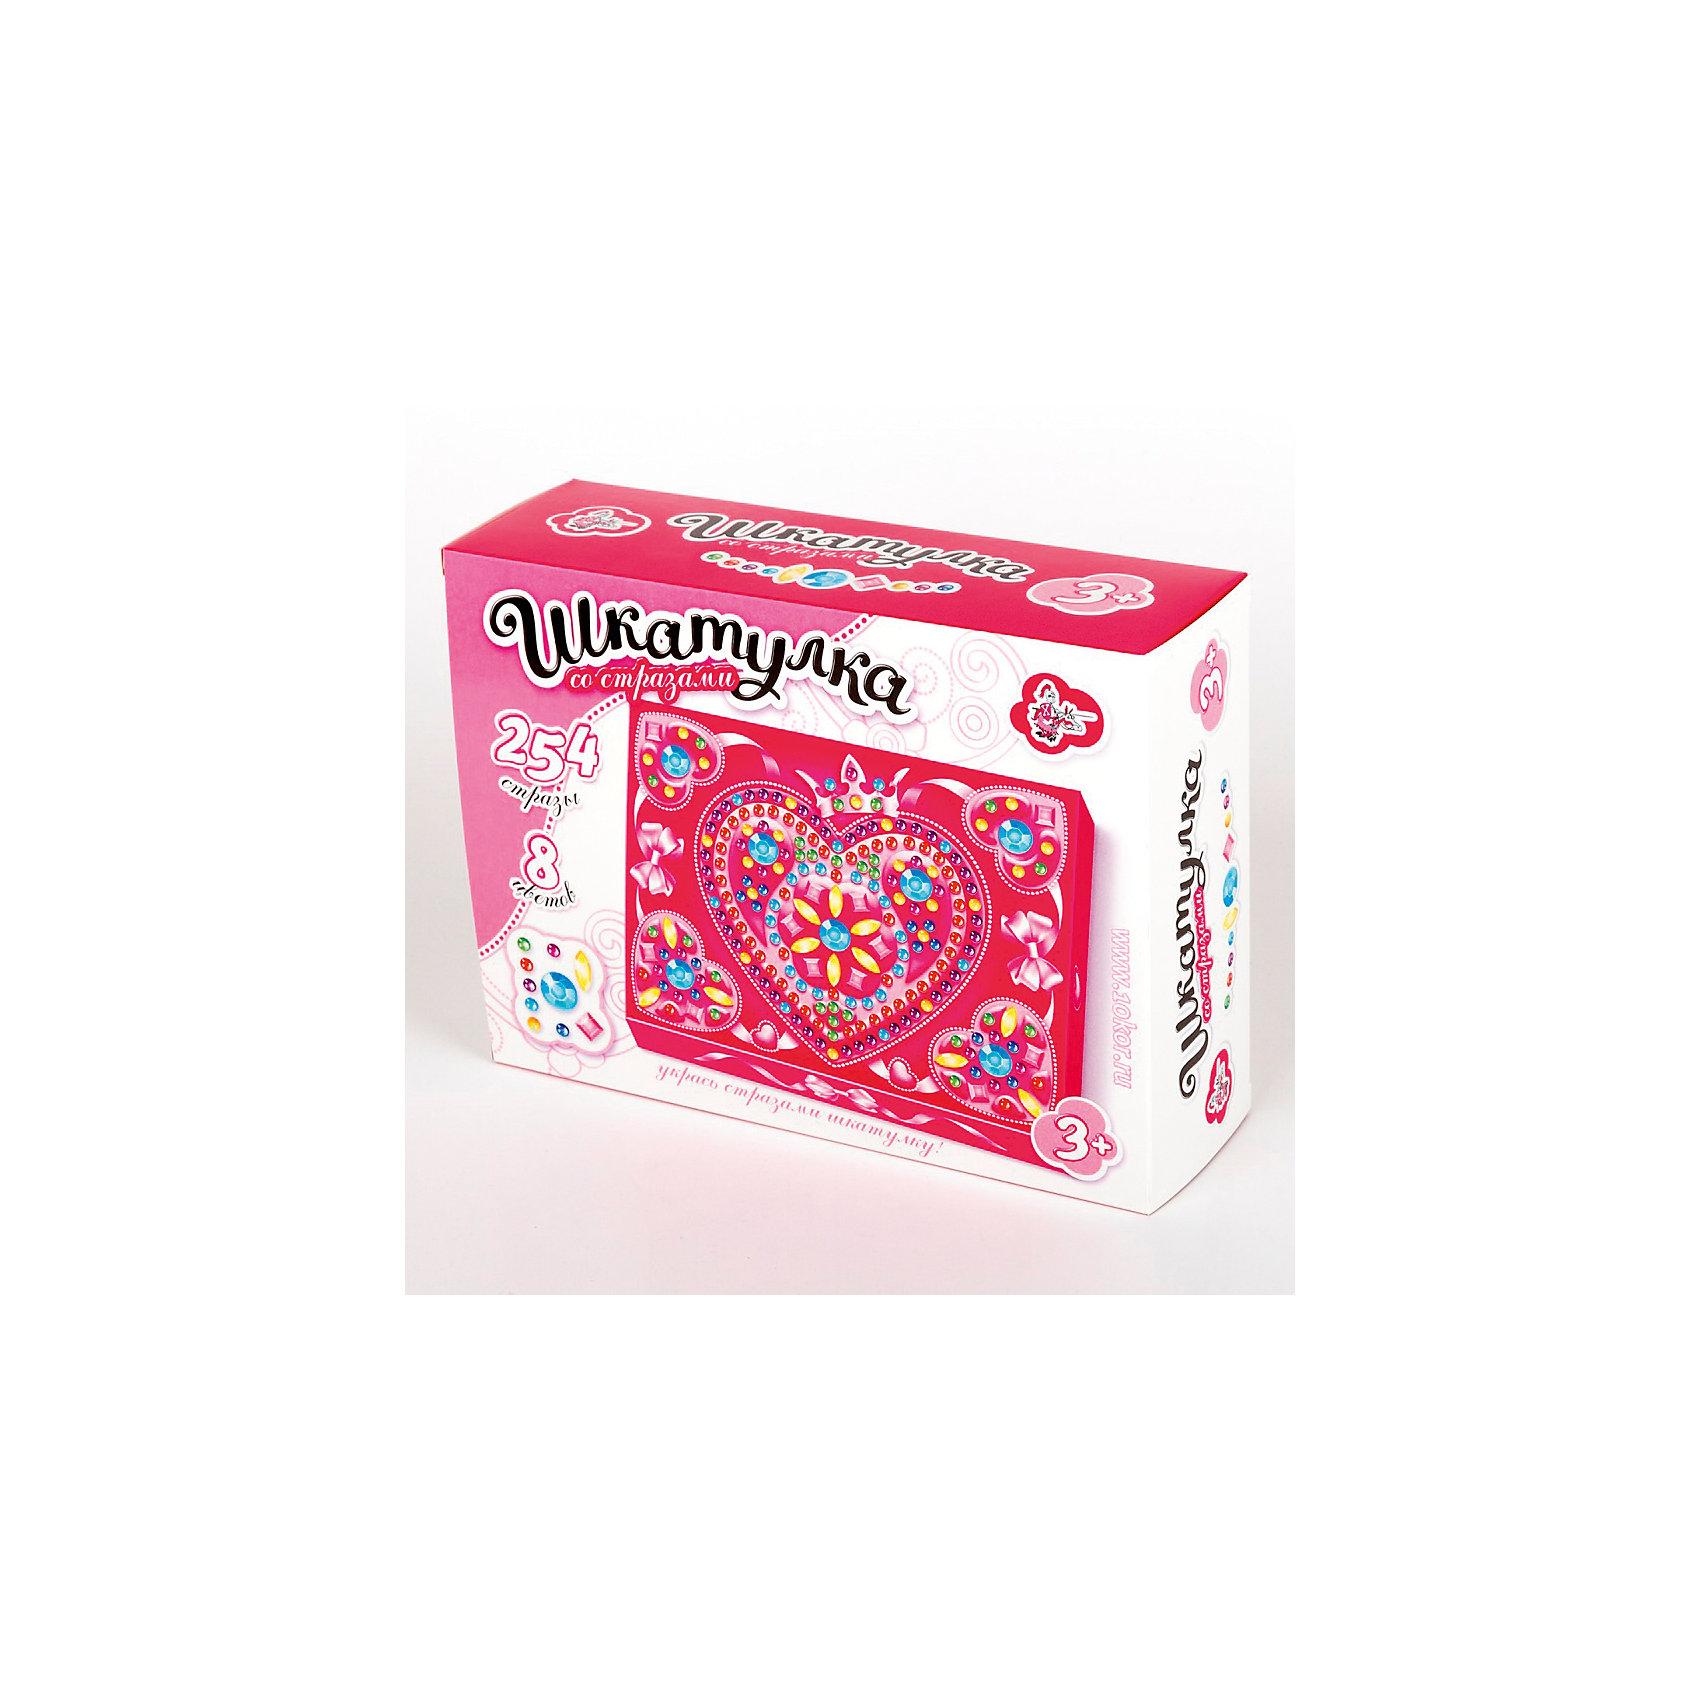 Шкатулка Сердечко, Десятое королевствоКартонные модели<br>Шкатулка Сердечко, Десятое королевство<br><br>Характеристики:<br><br>• Возраст: от 5 лет<br>• Размер готовой игрушки: 15х15 х 4,5 см<br>• Материал: картон, акрил, метал<br>• В комплекте: заготовка шкатулки, 254 страз 8 цветов<br><br>Этот замечательный набор позволяет ребенку самостоятельно собрать для себя яркую и красивую шкатулку с очаровательным рисунком. Благодаря устройству набора, форму для шкатулку довольно просто сложить, а для украшения удобно использовать идущие в наборе стразы, которые можно приклеивать прямо по номерам. Работа с набором развивает усидчивость и мелкую моторику.<br><br>Шкатулка Сердечко, Десятое королевство можно купить в нашем интернет-магазине.<br><br>Ширина мм: 200<br>Глубина мм: 150<br>Высота мм: 60<br>Вес г: 215<br>Возраст от месяцев: 60<br>Возраст до месяцев: 84<br>Пол: Женский<br>Возраст: Детский<br>SKU: 5471659